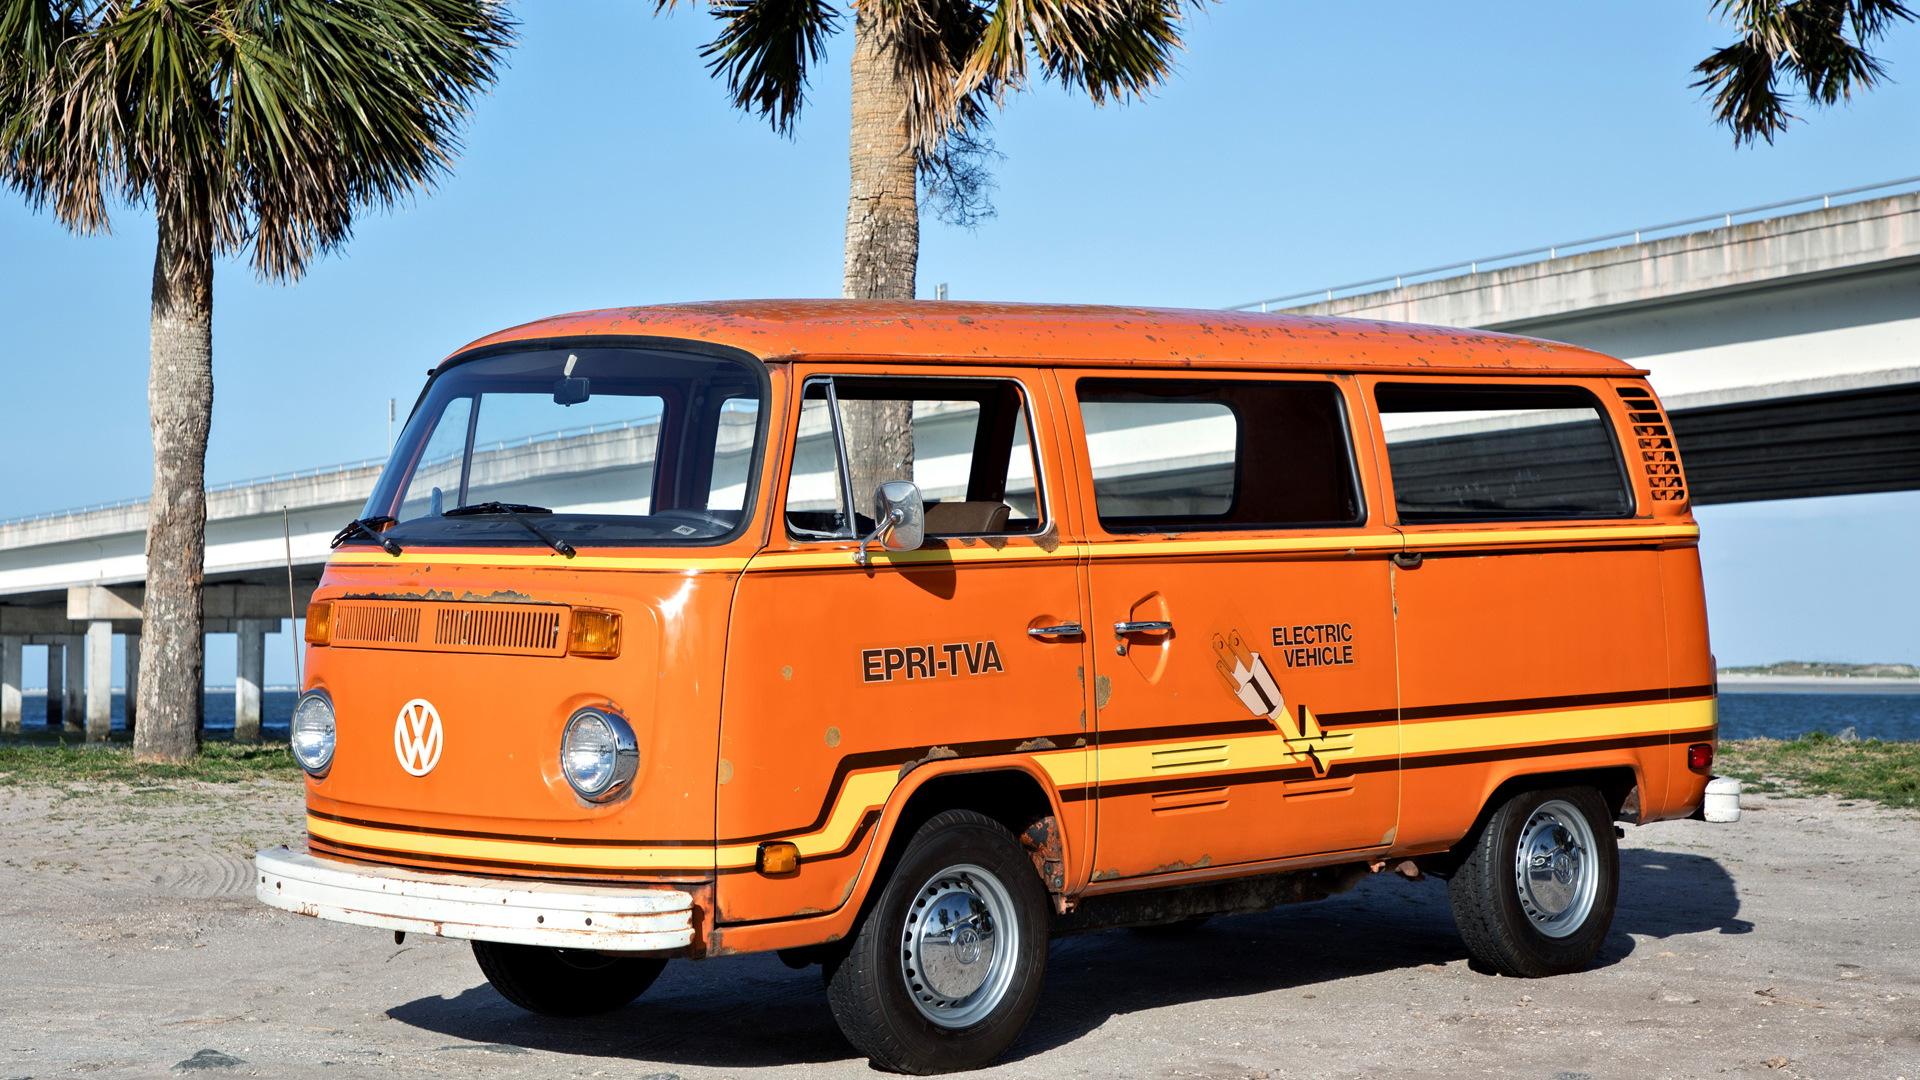 1978 Volkswagen Elektrotransporter prototype